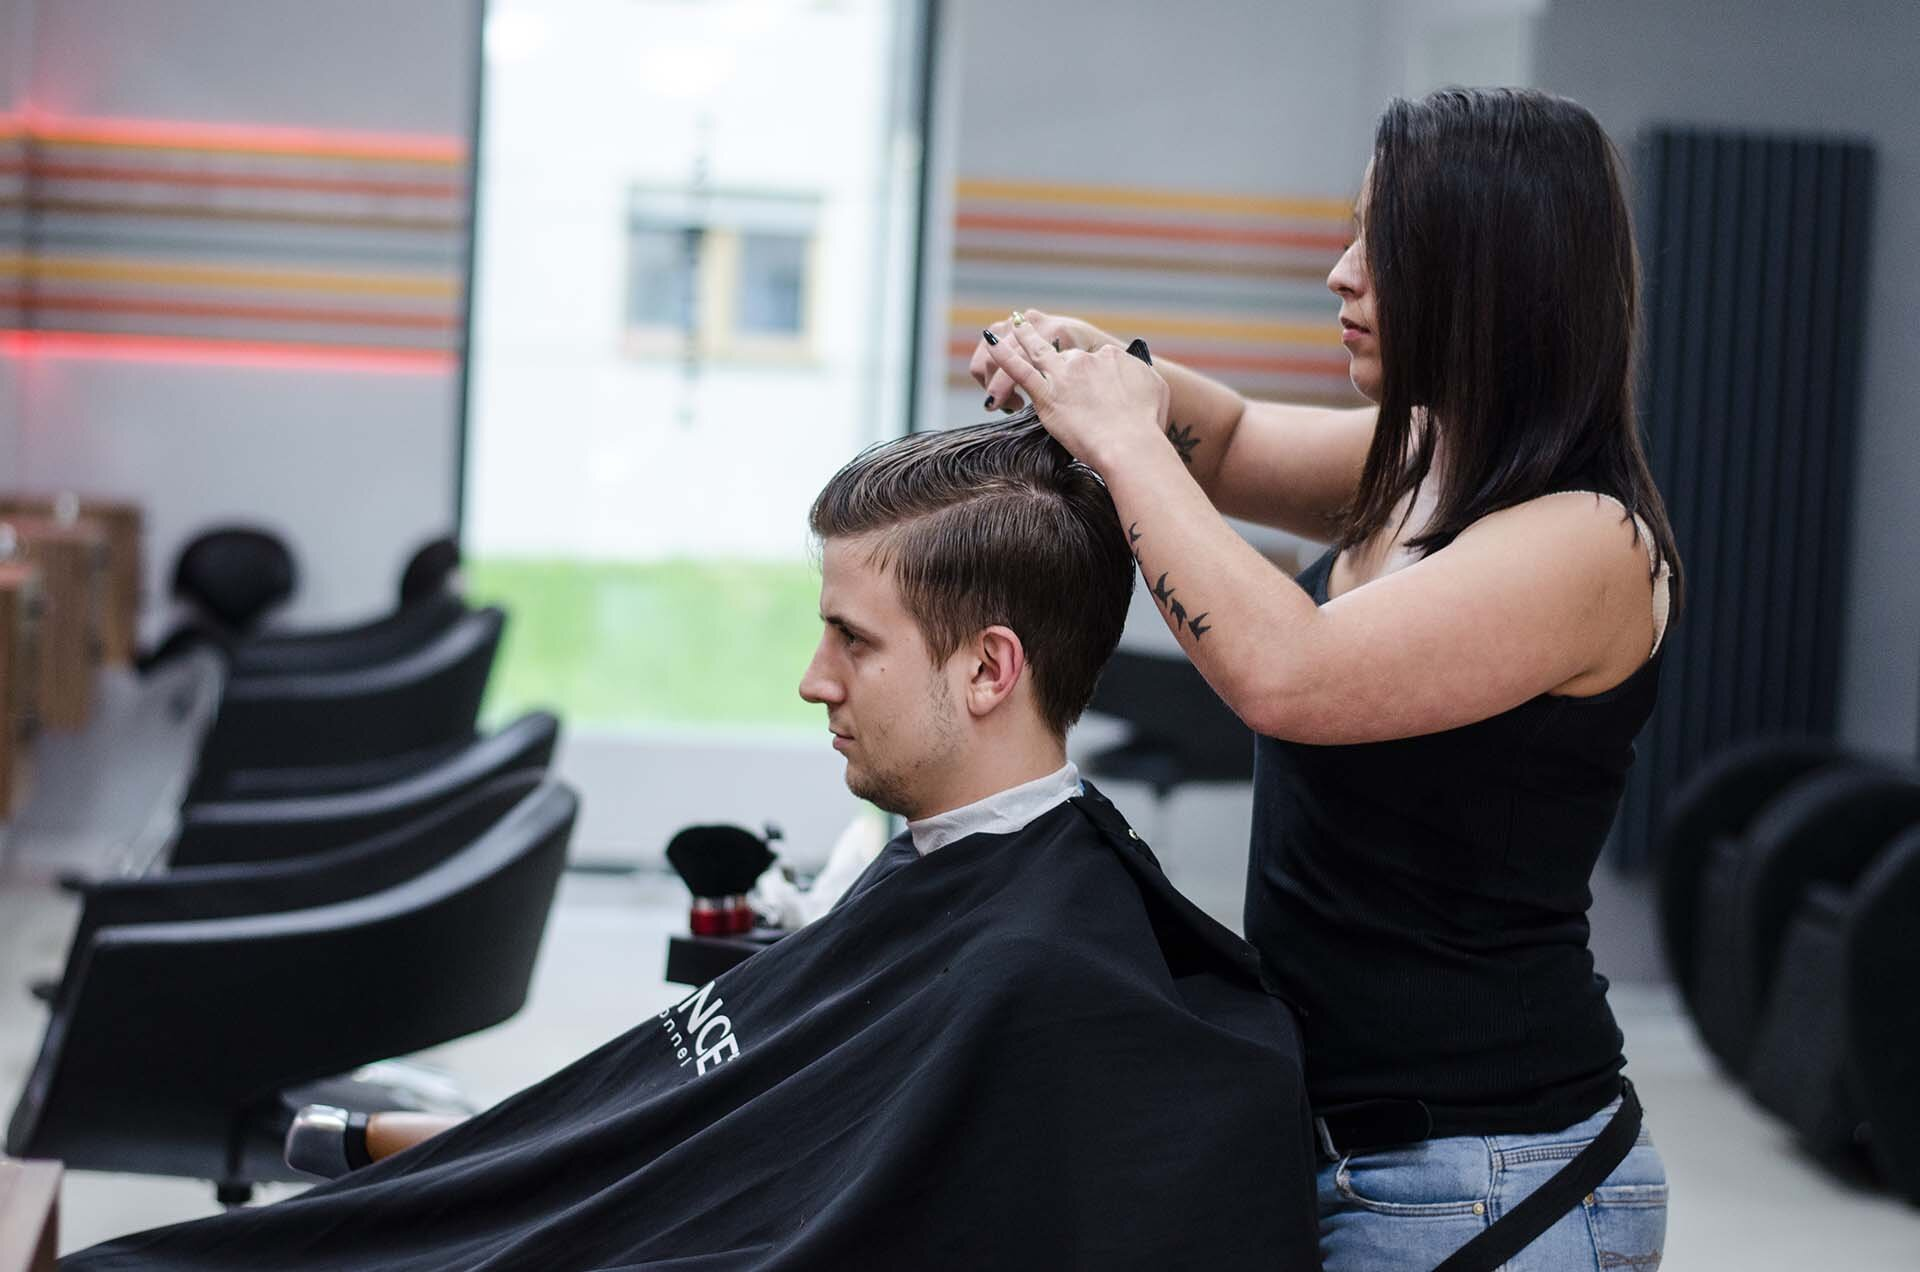 GMALE by Grzegorz Paliś, Przewodnik po krakowskich fryzjerach, Ranking fryzjerów, Najlepsi fryzjerzy w Krakowie, Fryzoteka